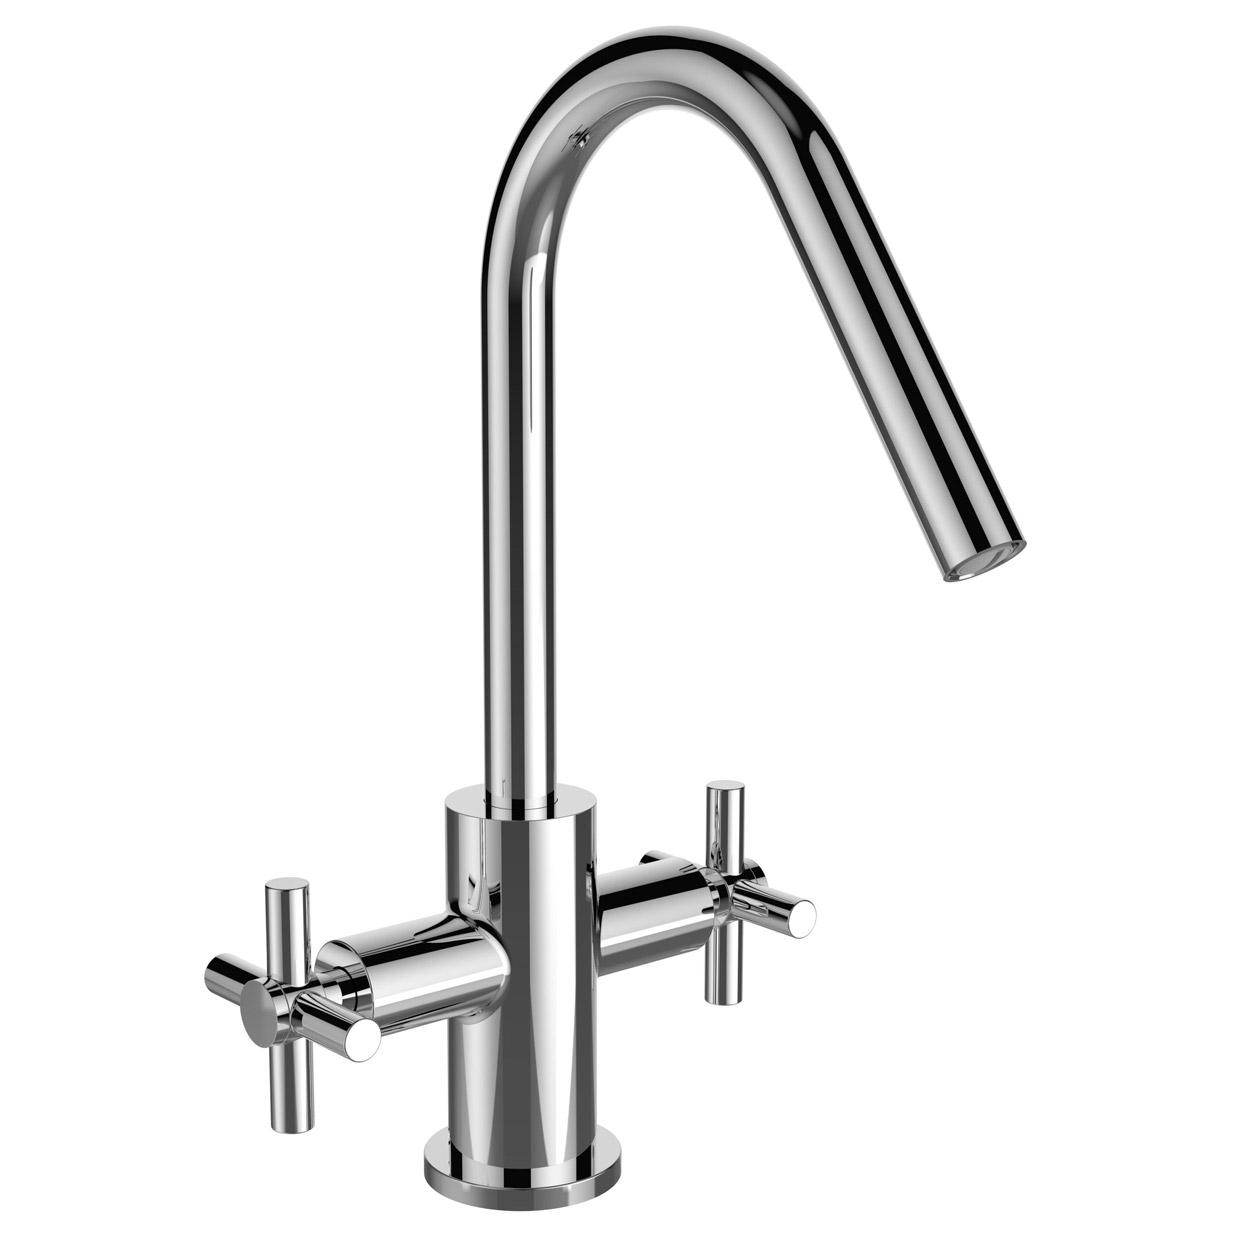 Bristan Pecan EasyFit Mono Kitchen Sink Mixer Tap Dual Handle - Chrome